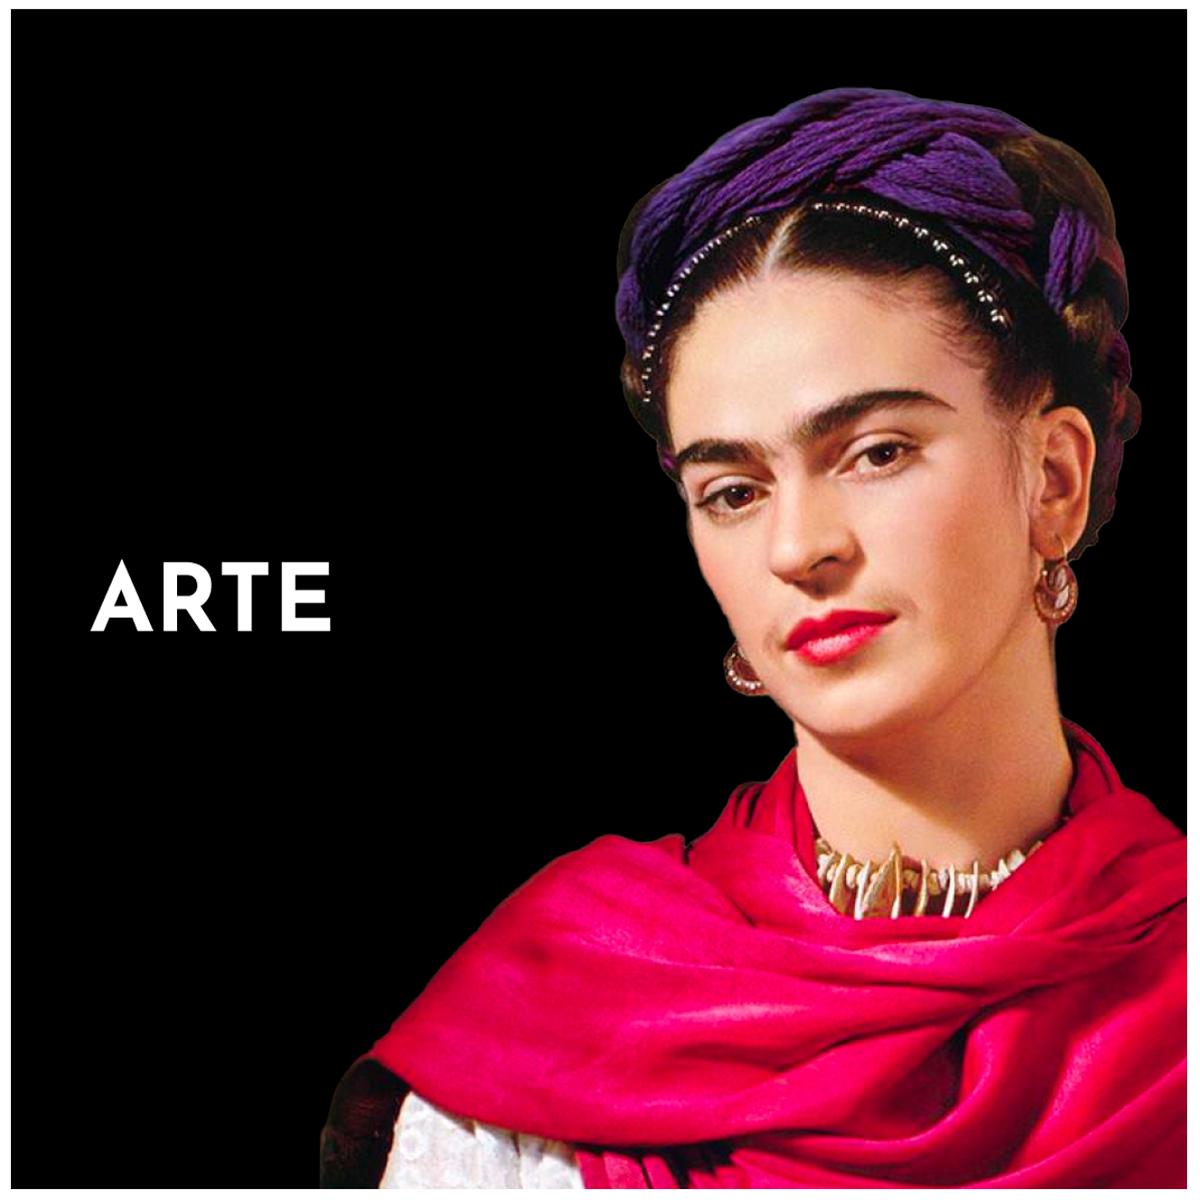 ilustre, cursos, nación de la cultura, cultura en español, cursos online, cultura, aprendizaje online, Arte, literatura, cine, historia, Música